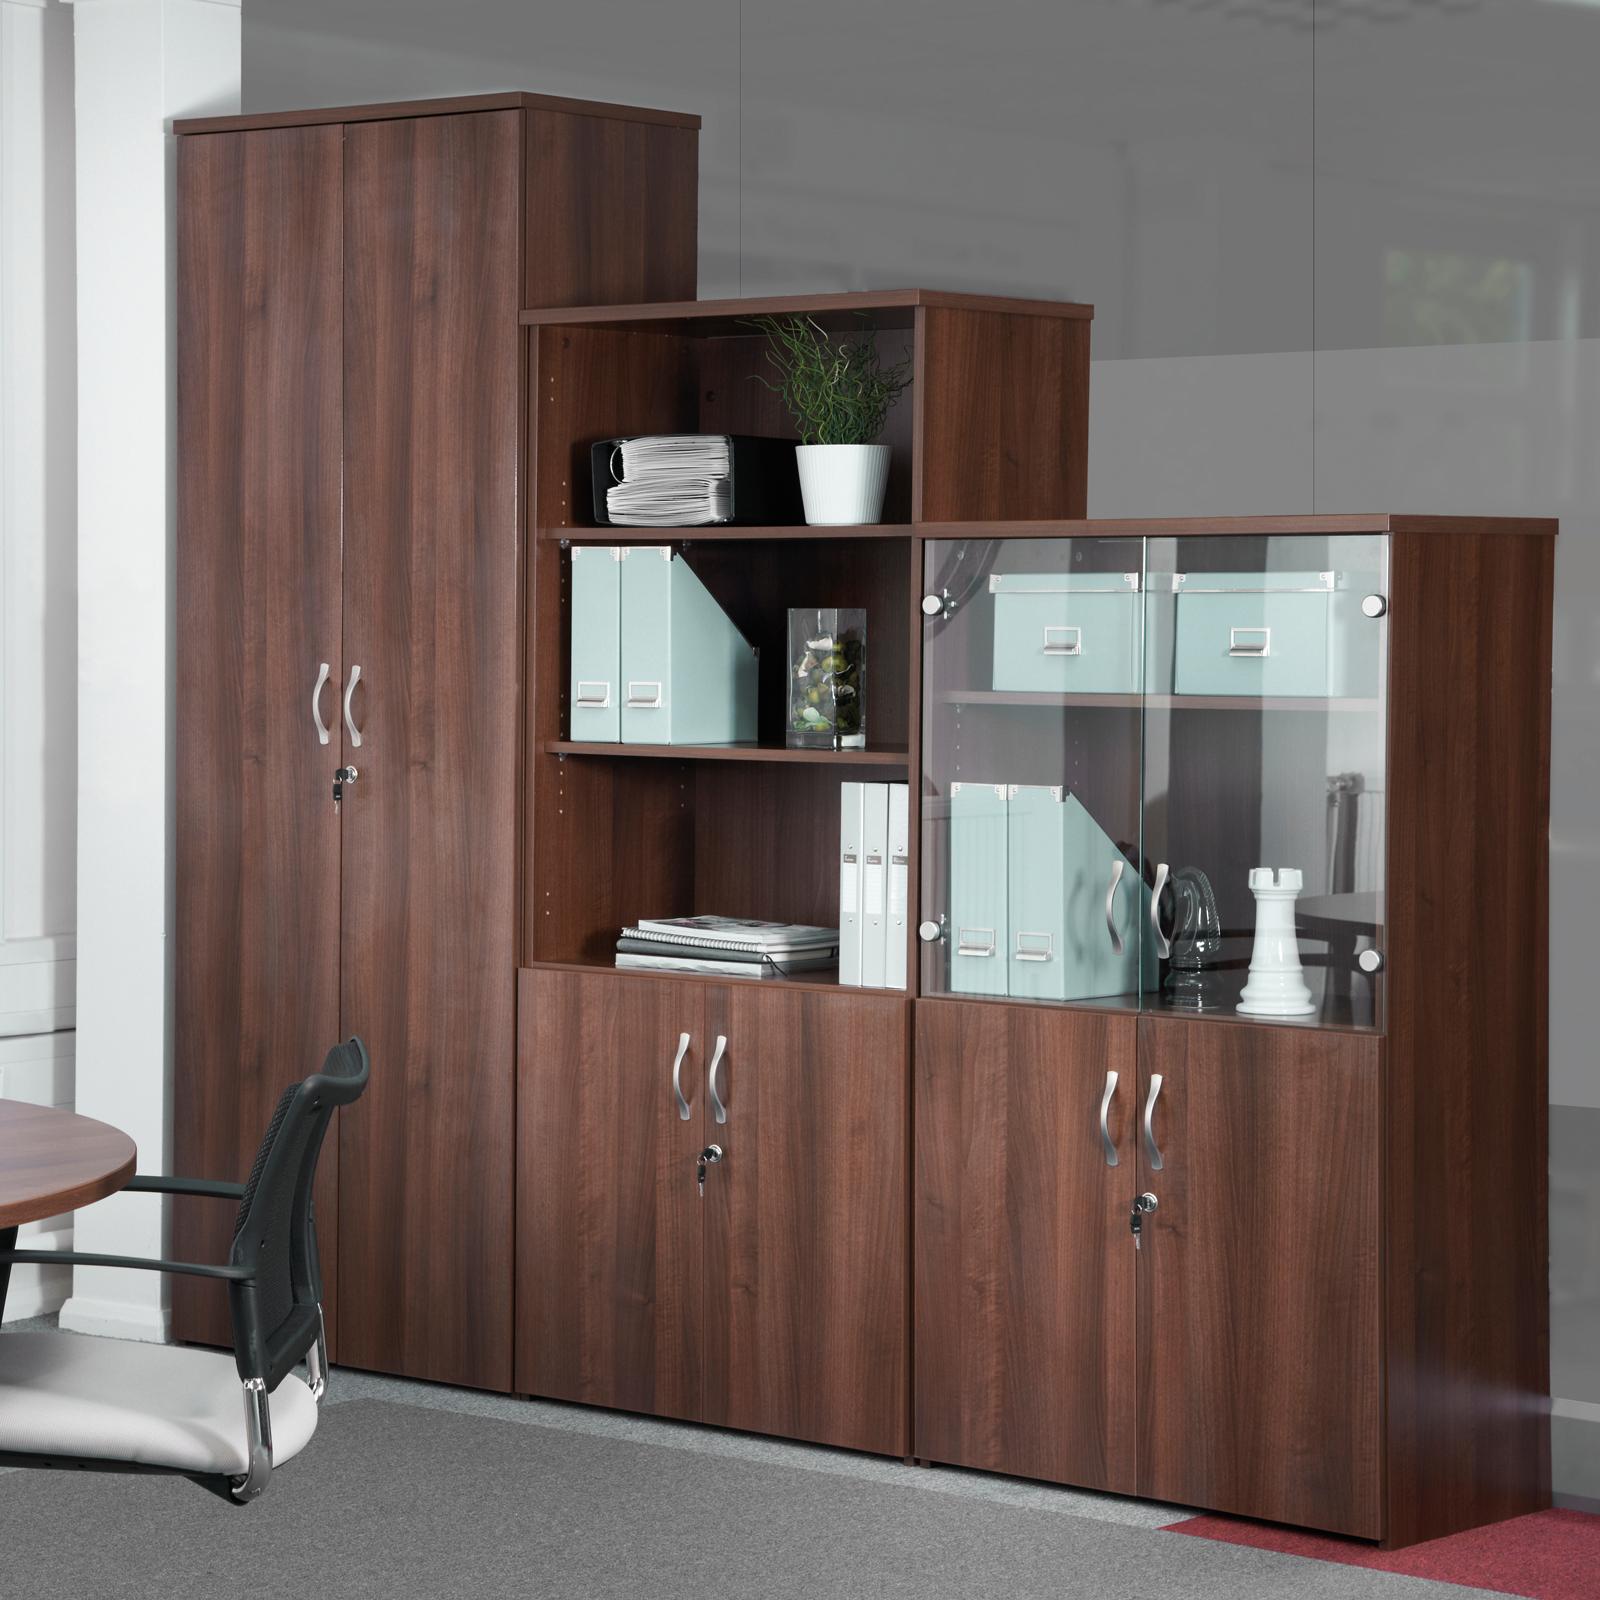 Universal double door cupboard 1440mm high with 3 shelves - beech